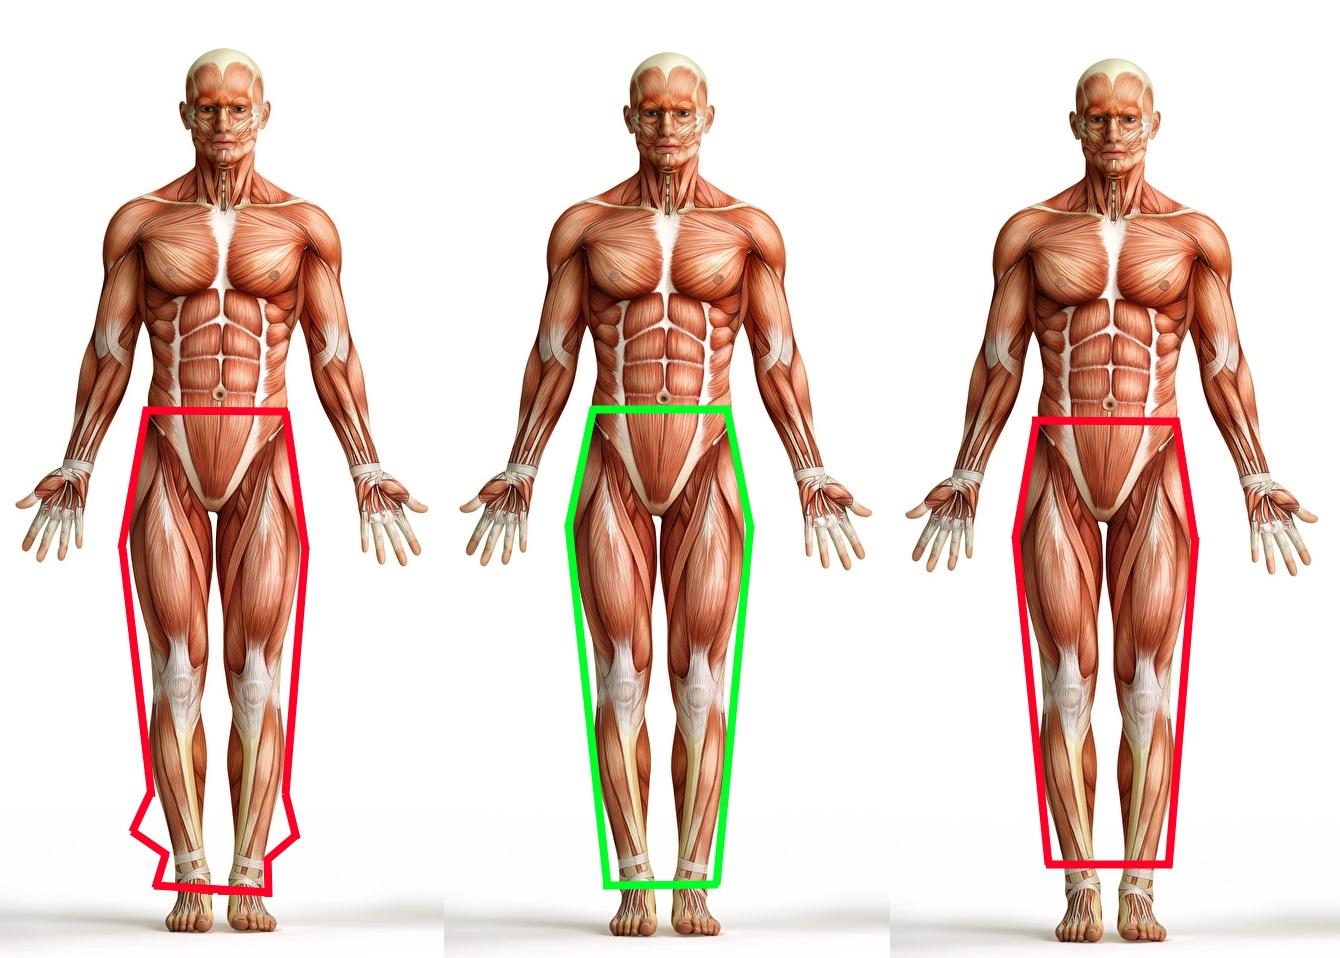 Le pantalon trop long élargit la silhouette dans le bas alors qu'elle doit justement s'affiner à cet endroit pour conserver une projection en V. Le pantalon trop court réduit la hauteur perçue de la jambe.